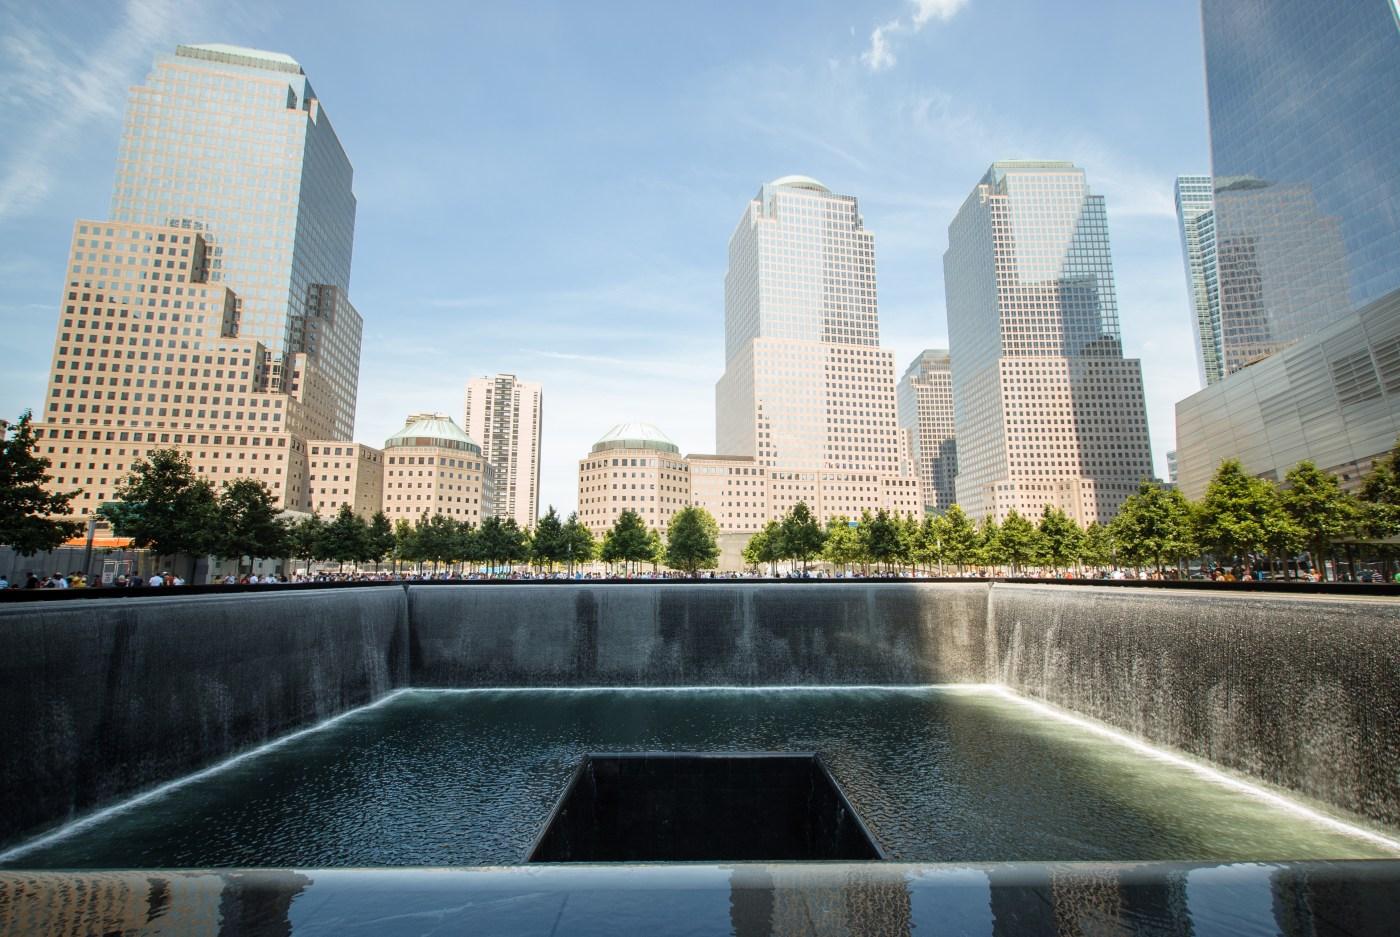 Una de las cascadas en el 9/11 Memorial, ubicada donde se erigía una de las Torres Gemelas